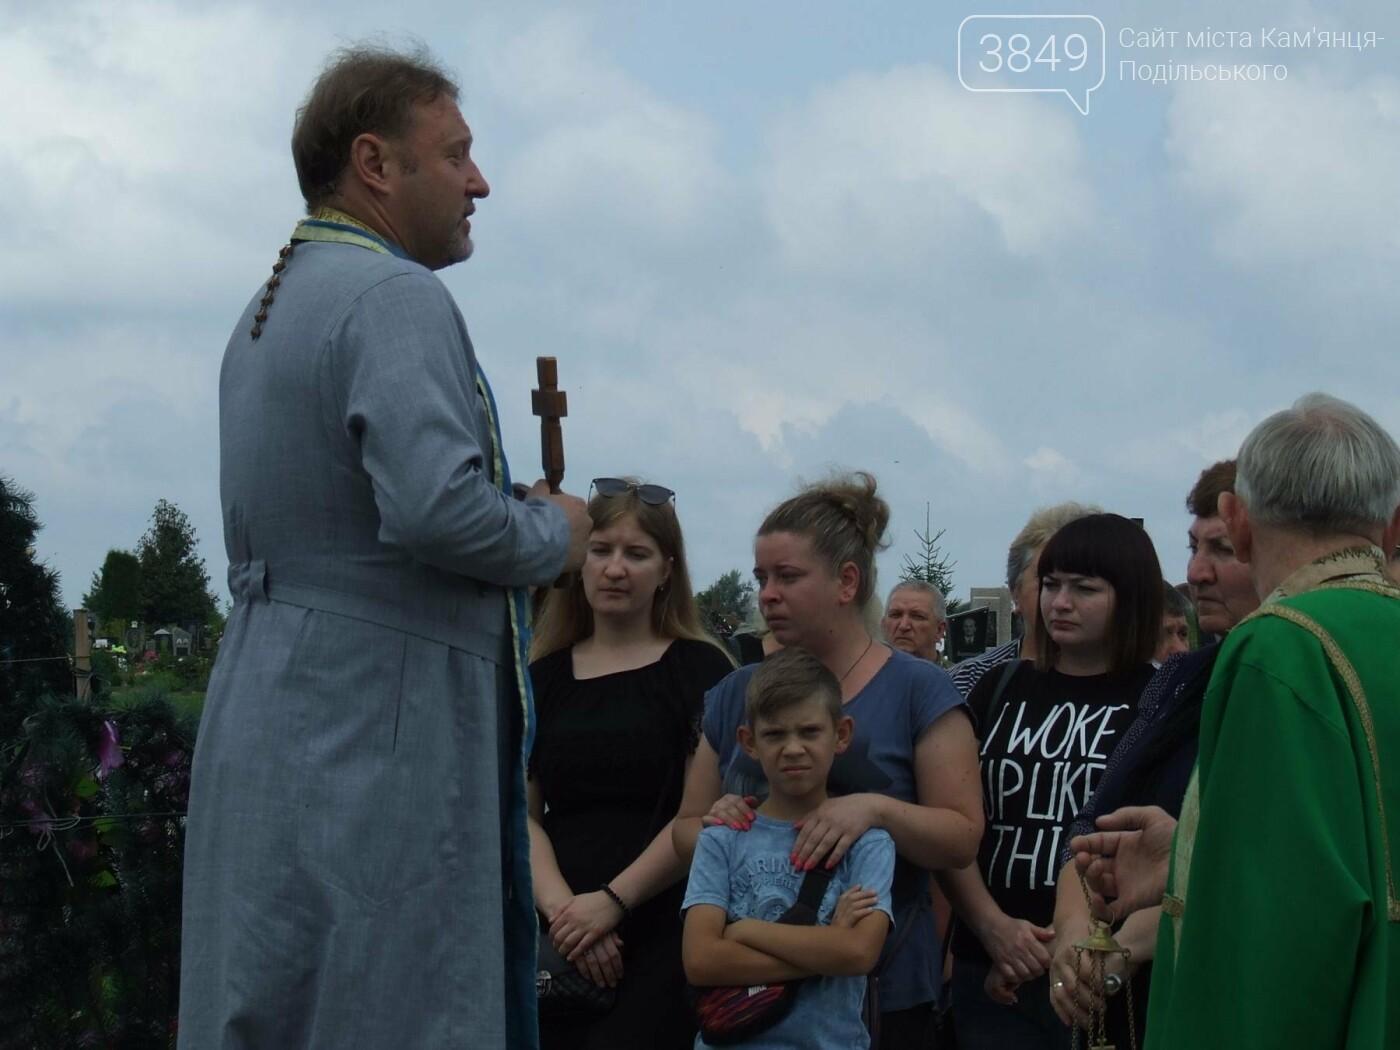 Річниця скорботи: у Кам'янці освятили меморіал Героя Ростислава Доброшинського, фото-6